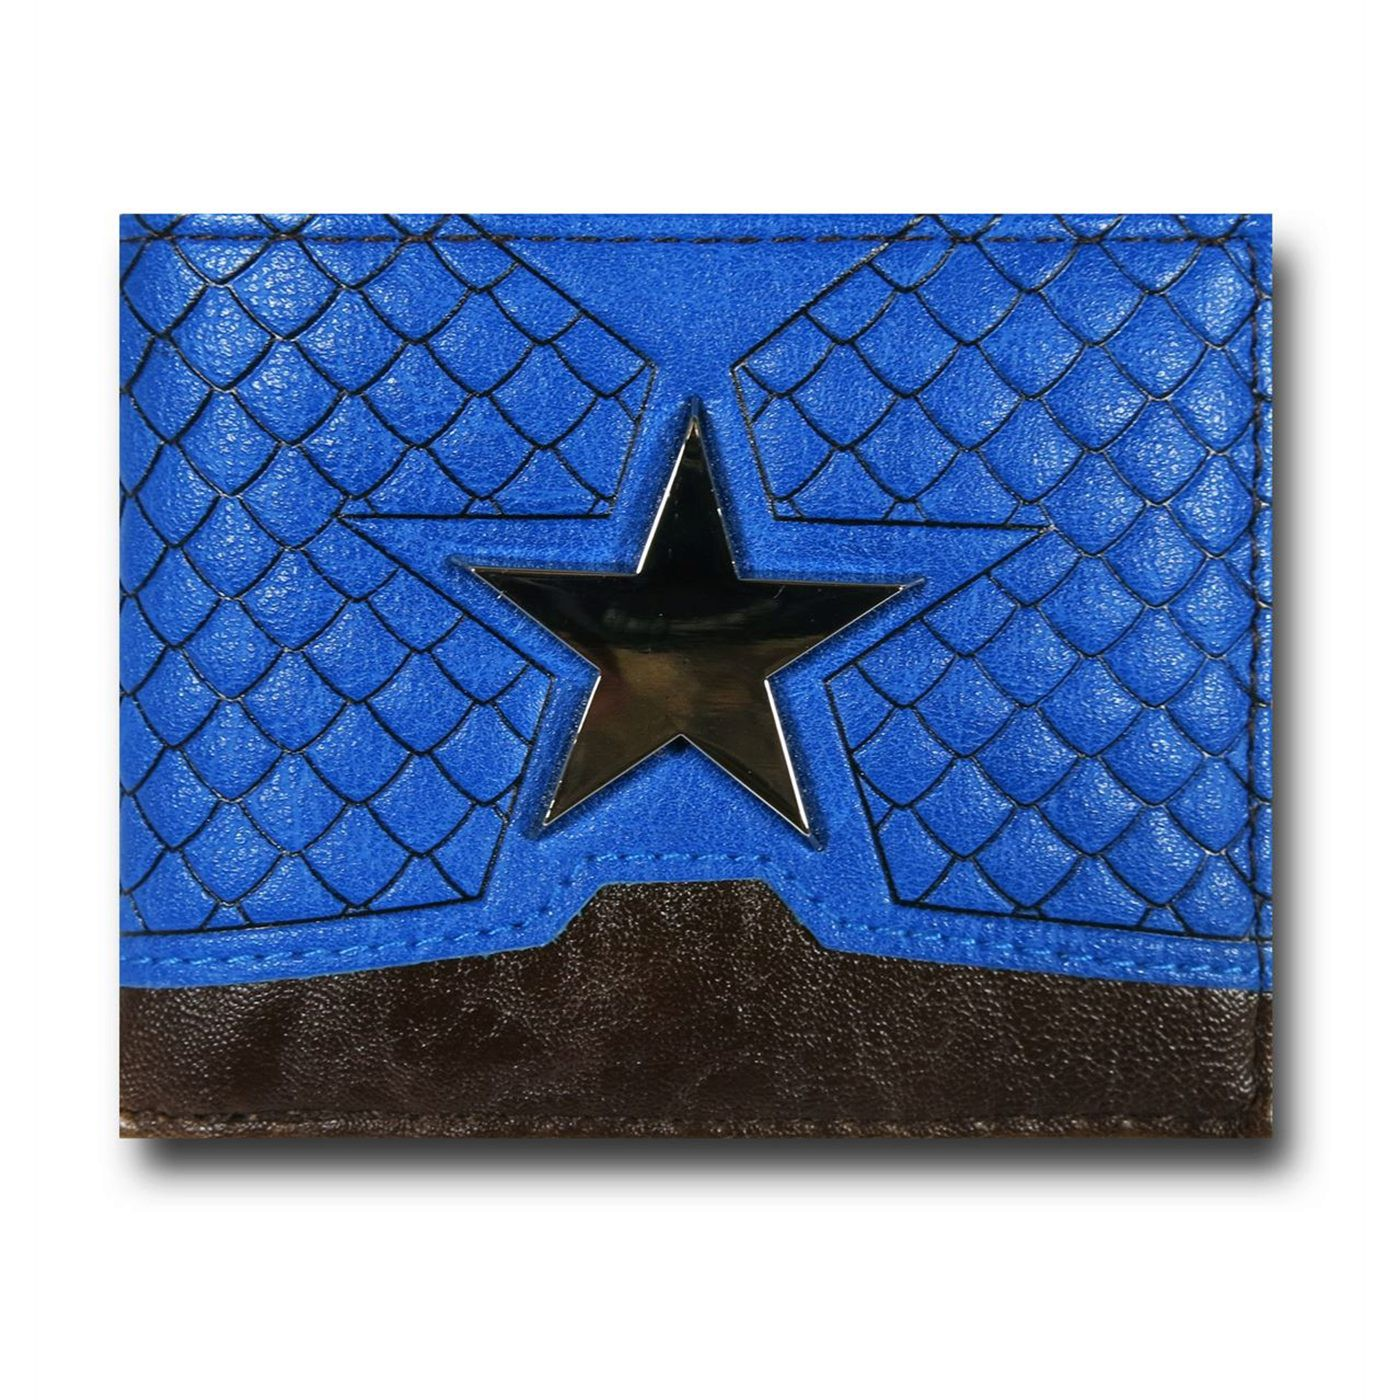 Captain America Suit-Up Men's Bi-Fold Wallet